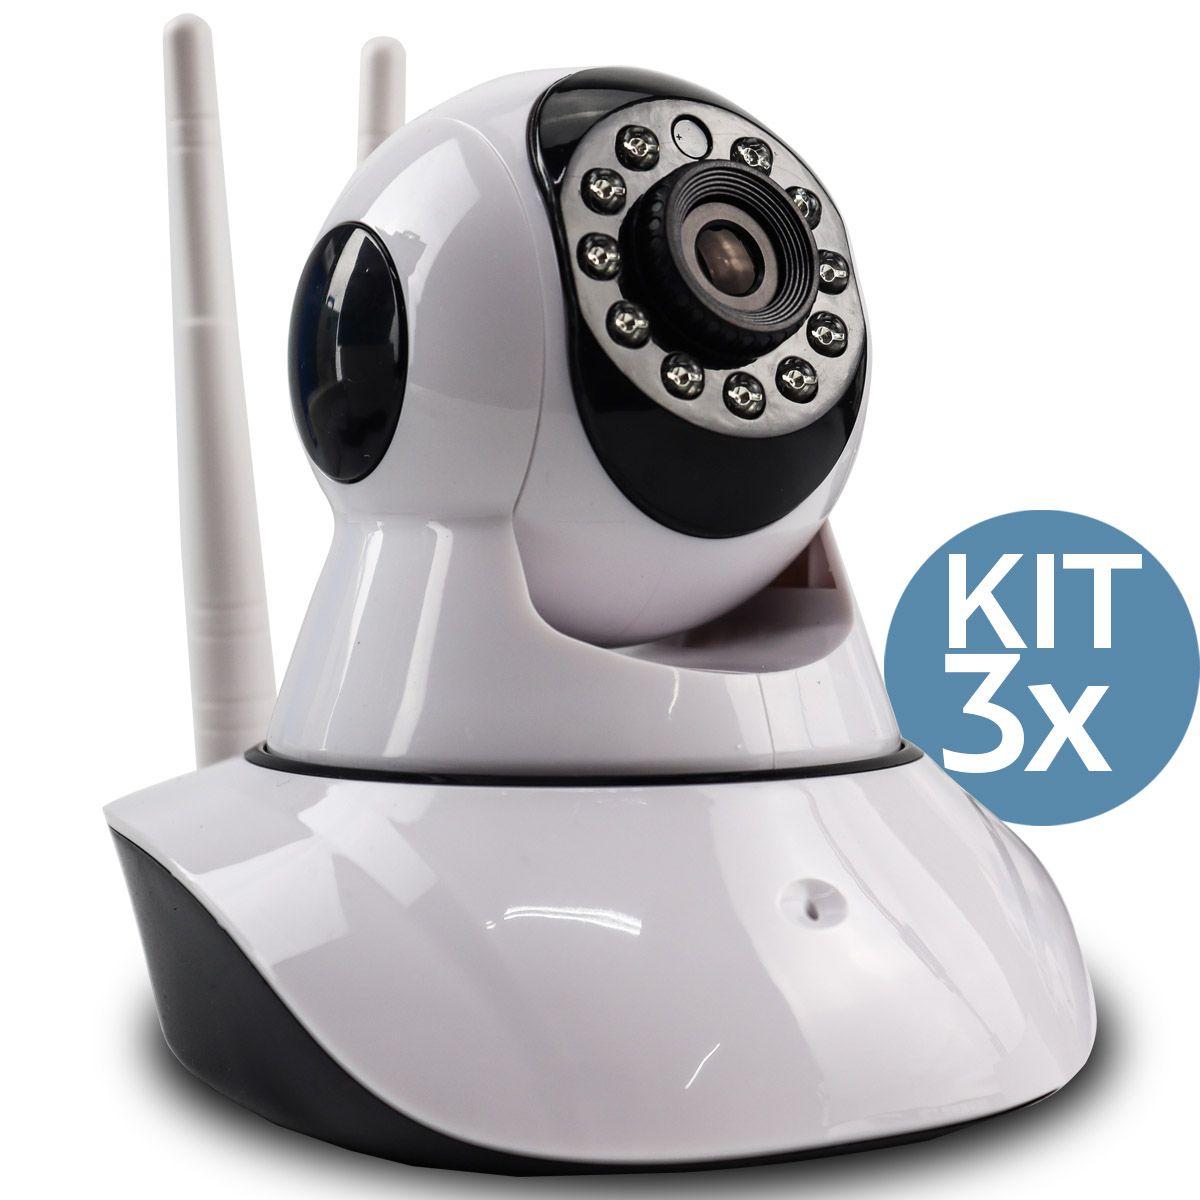 KIT 3x Câmera IP Digital 2.0MP com Dois Receptores de Wifi e Visão Noturna HD 1920x1080 Q5